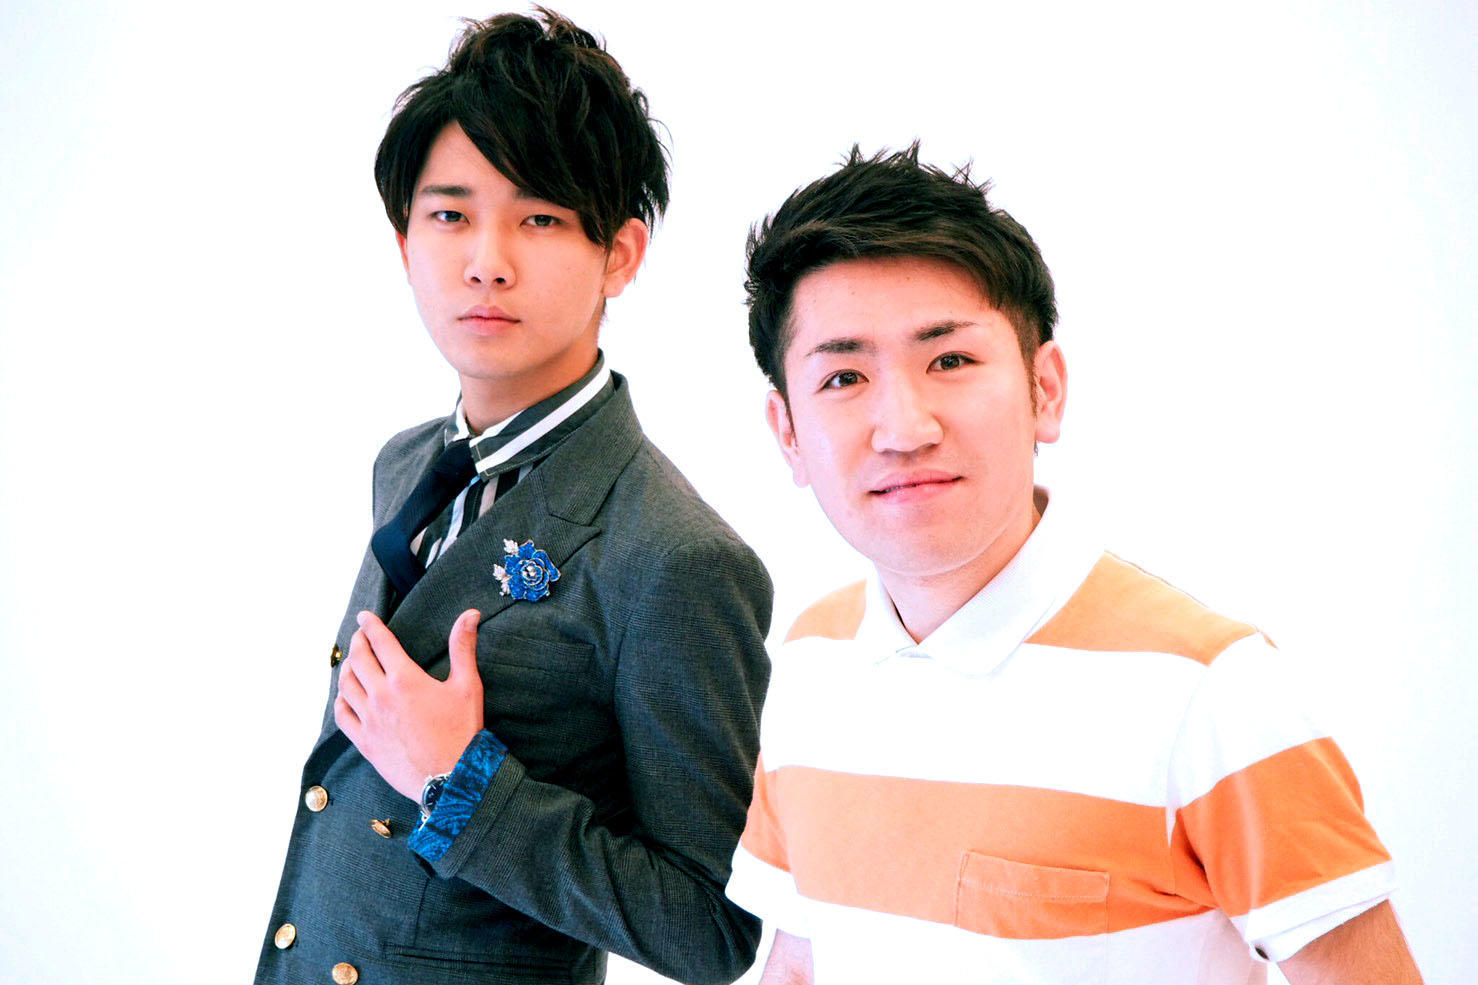 http://news.yoshimoto.co.jp/20170331120019-5e9095bdc639955b29fdb66d36973adf1f58a28e.jpg